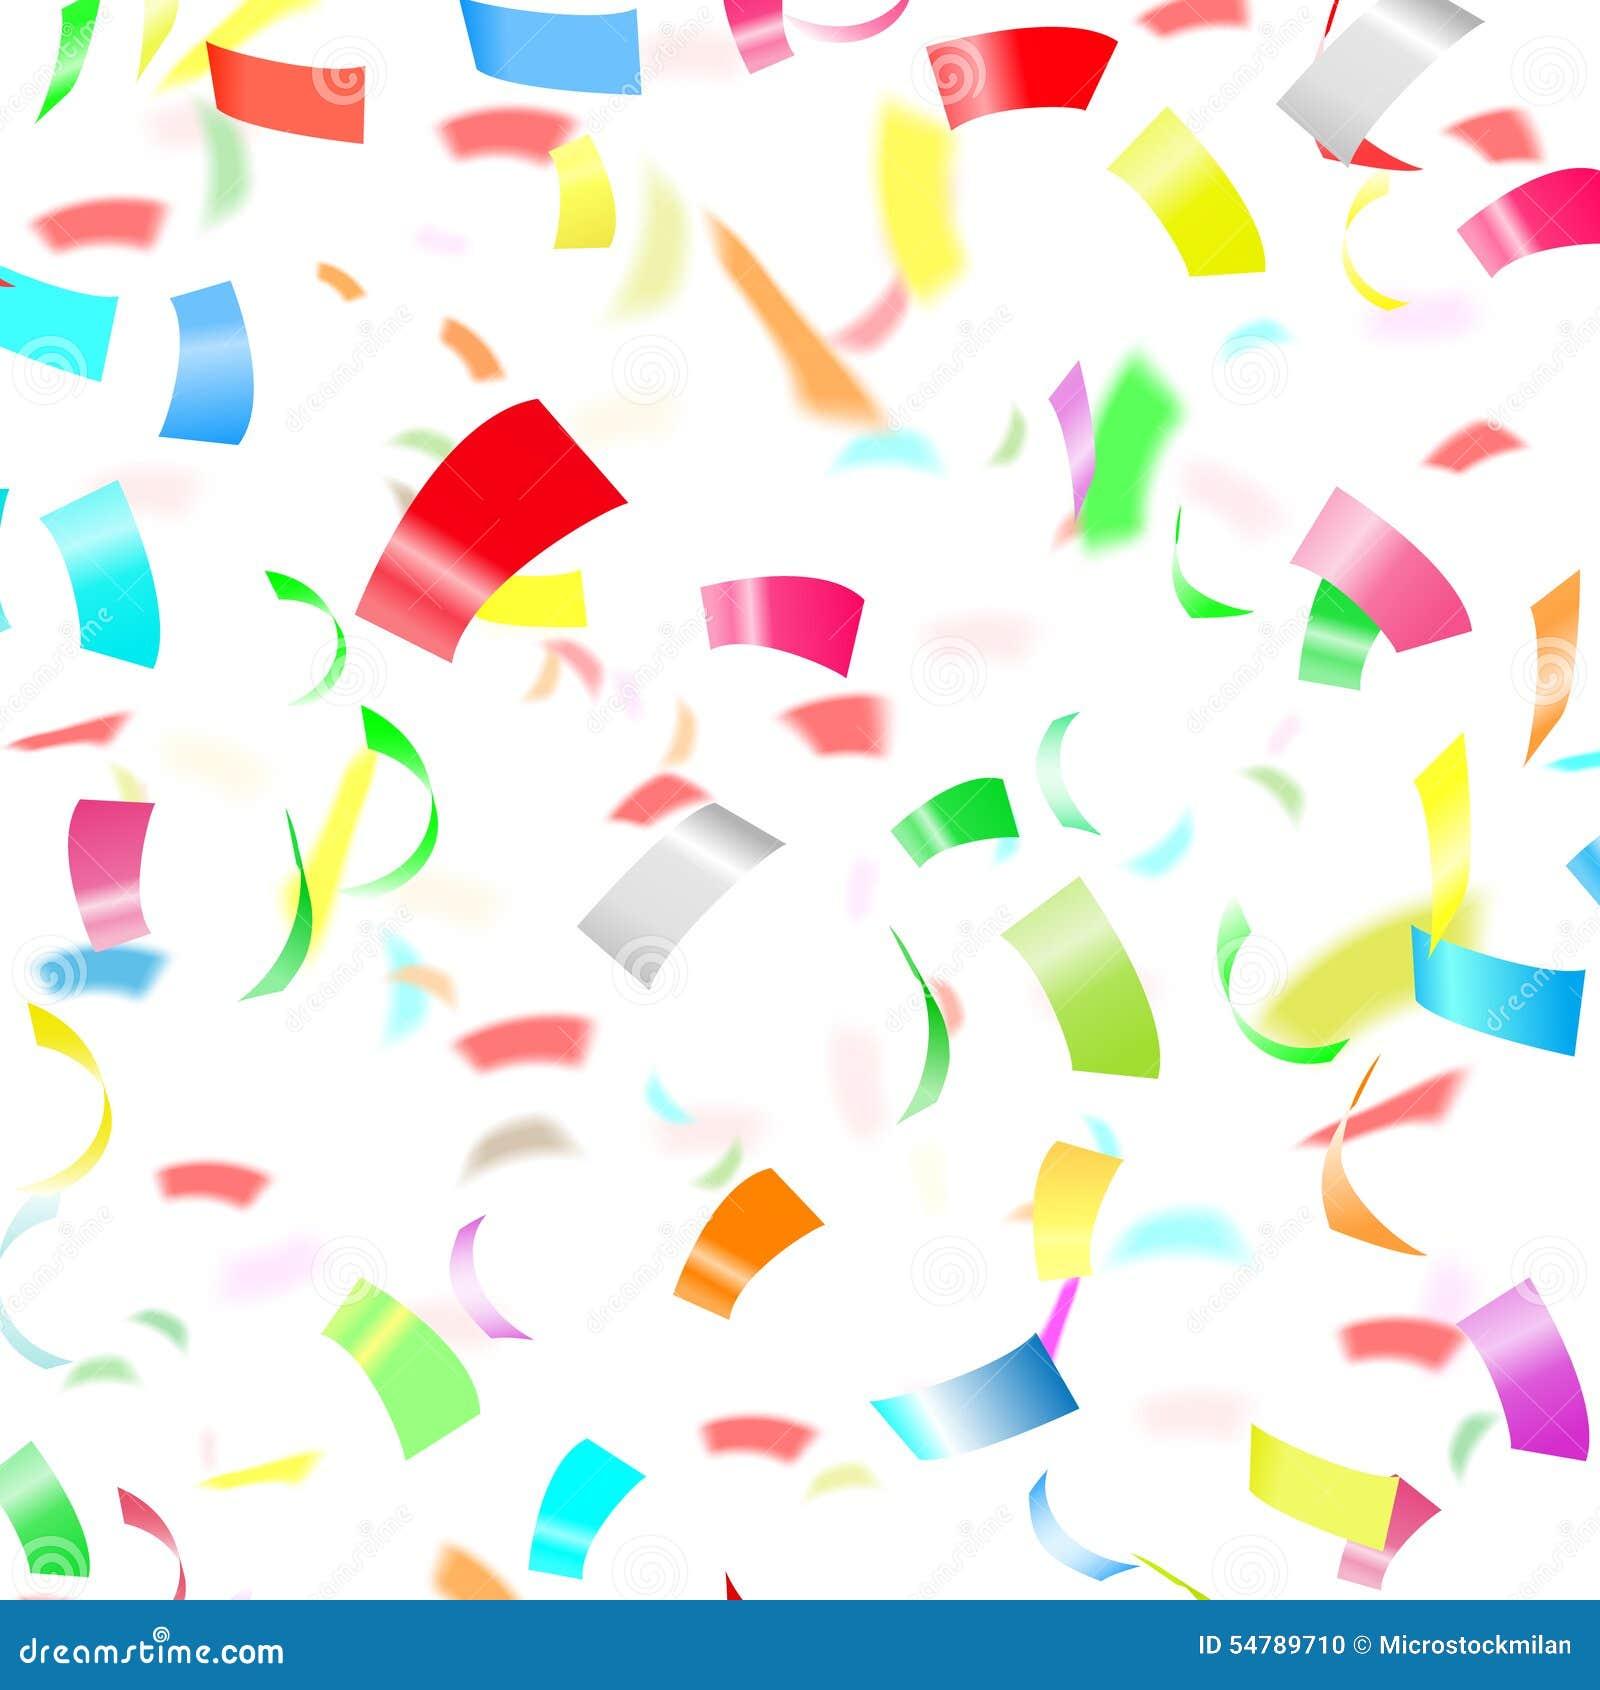 Confetti white background